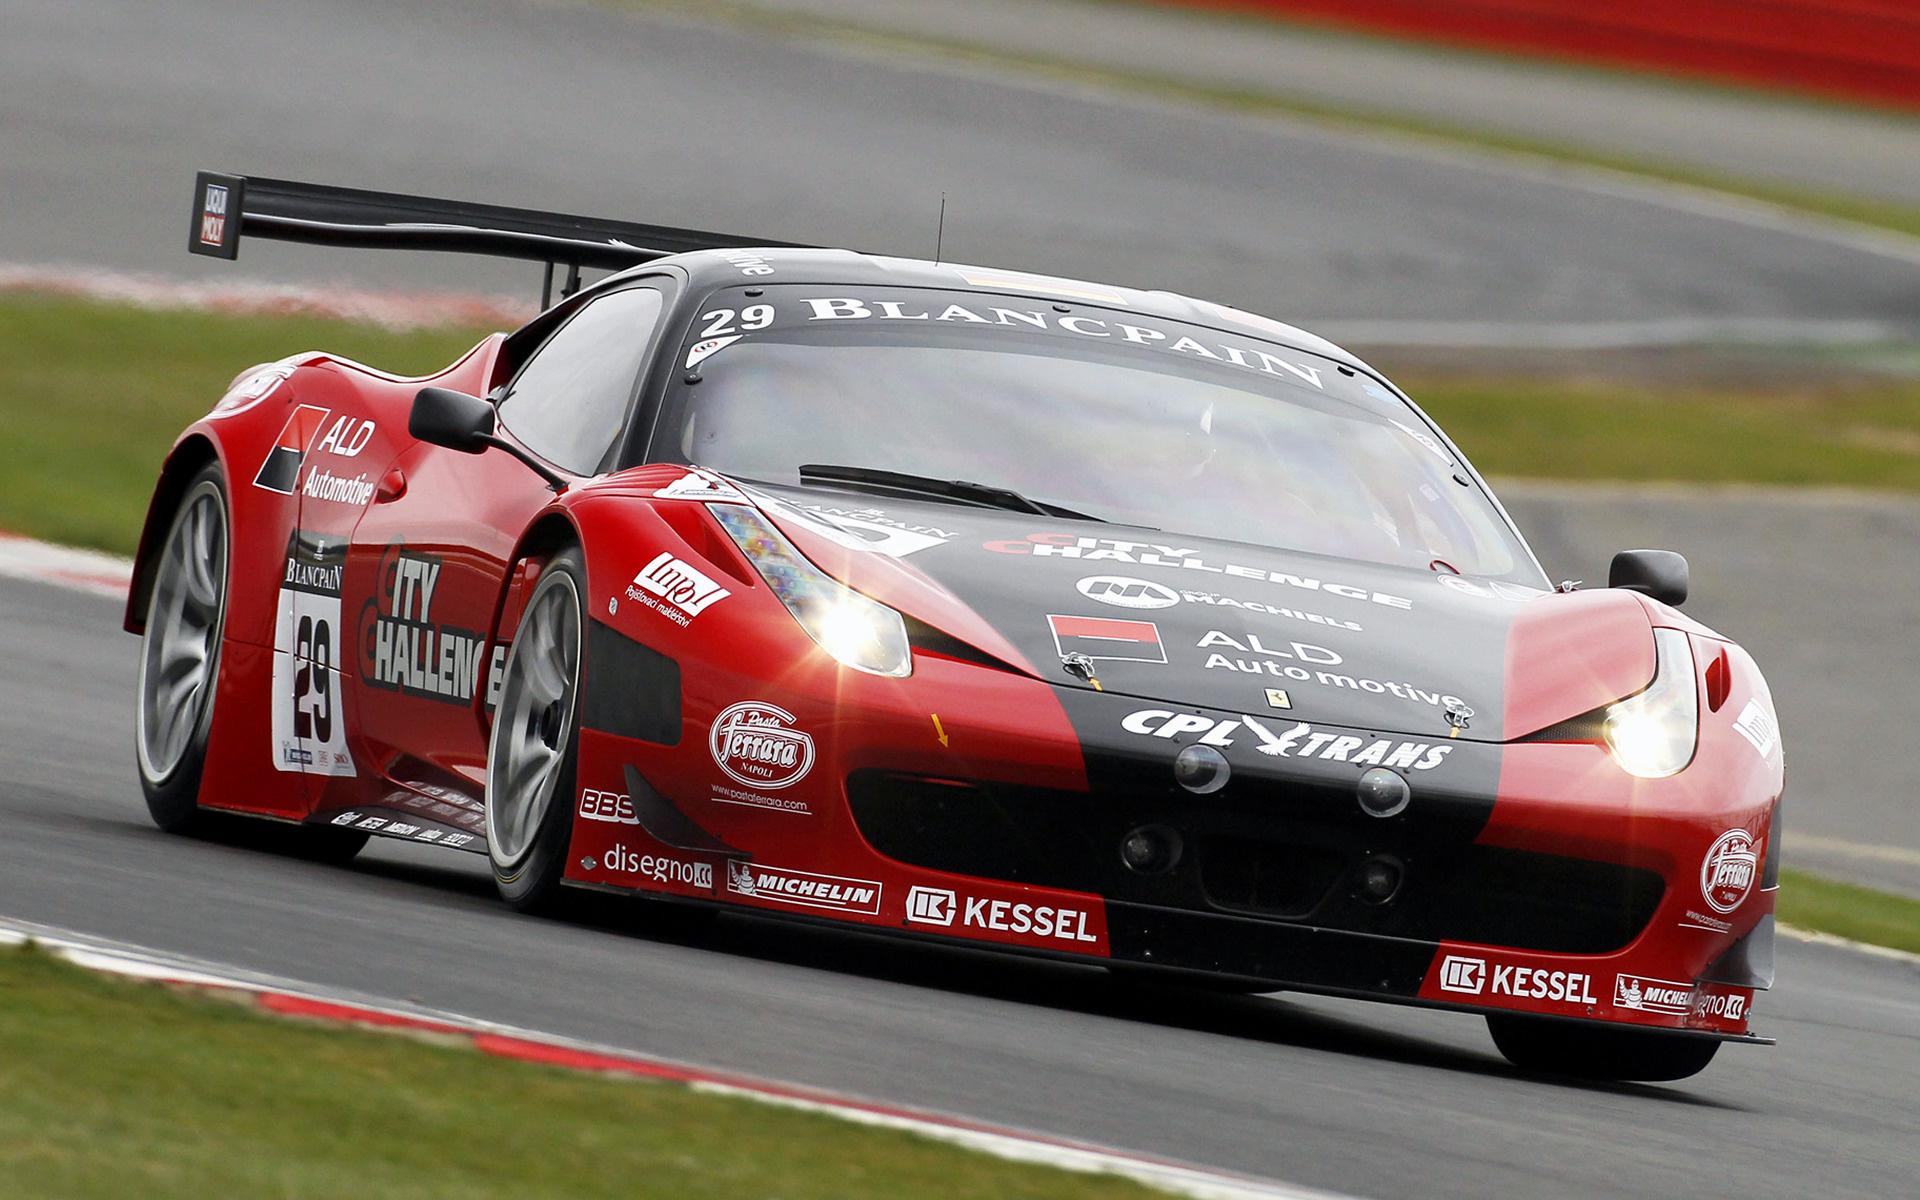 2011 Ferrari 458 Italia Gt3 Wallpapers And Hd Images Car Pixel